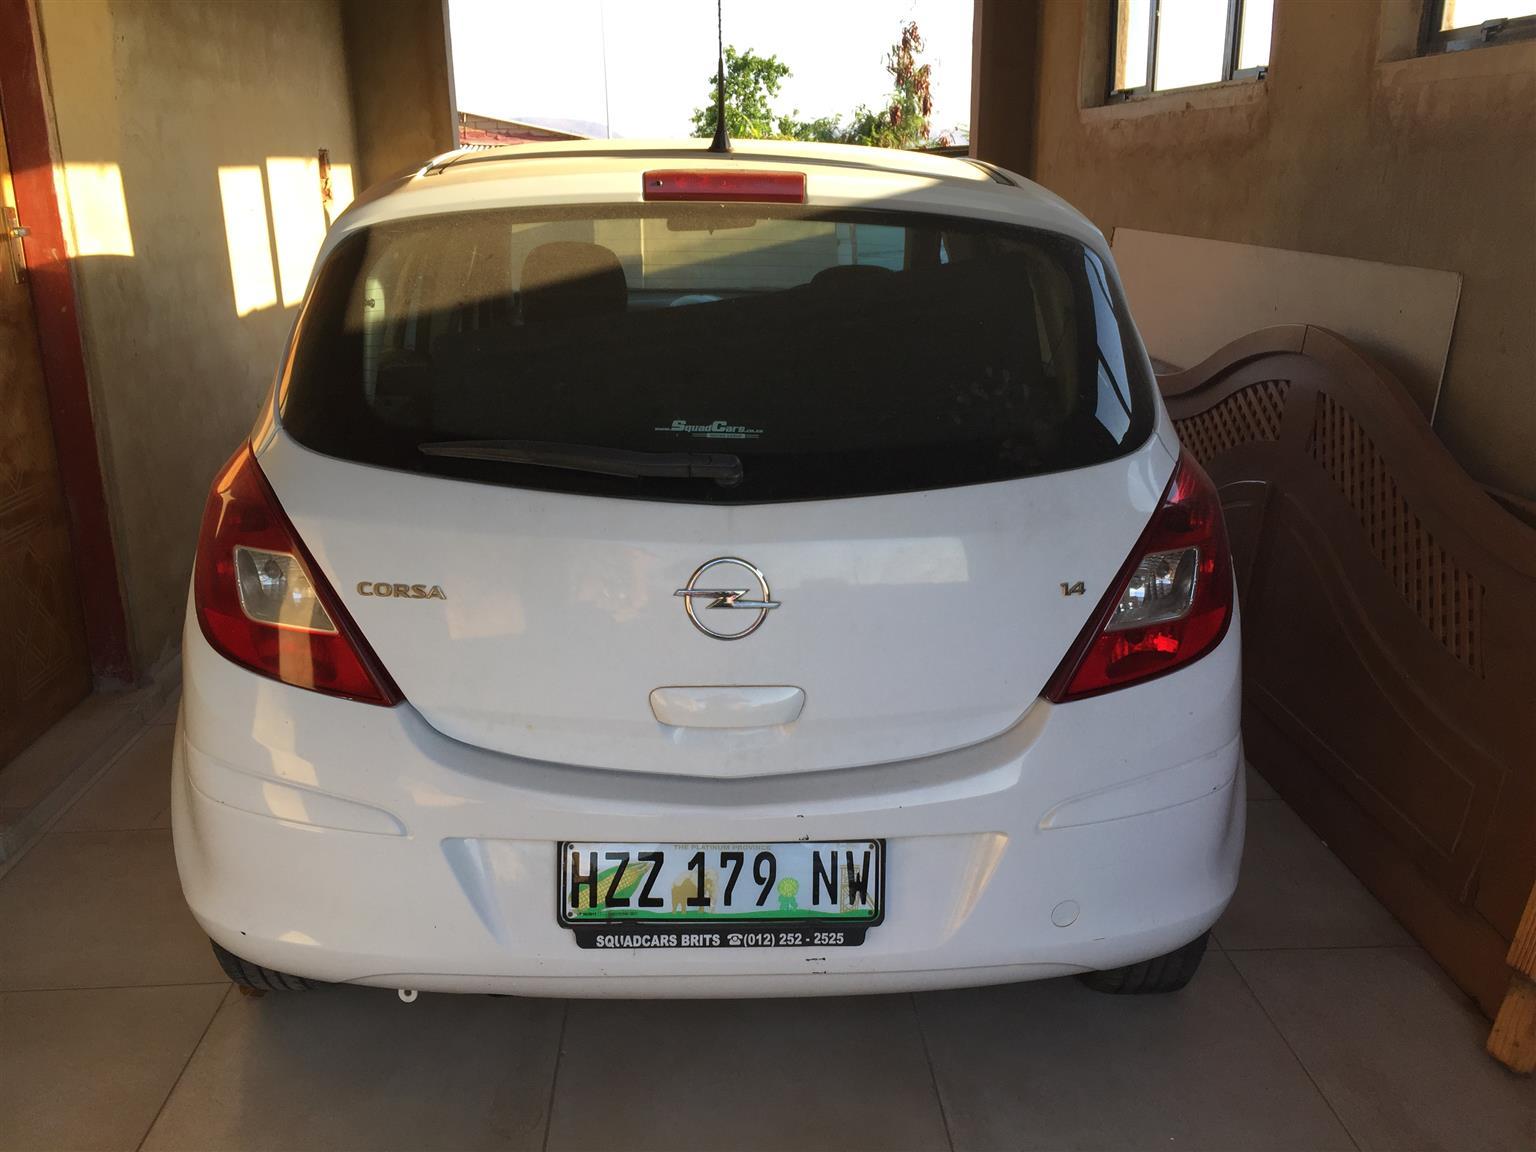 2008 Opel Corsa hatch 5-door CORSA 1.4 ENJOY A/T 5DR